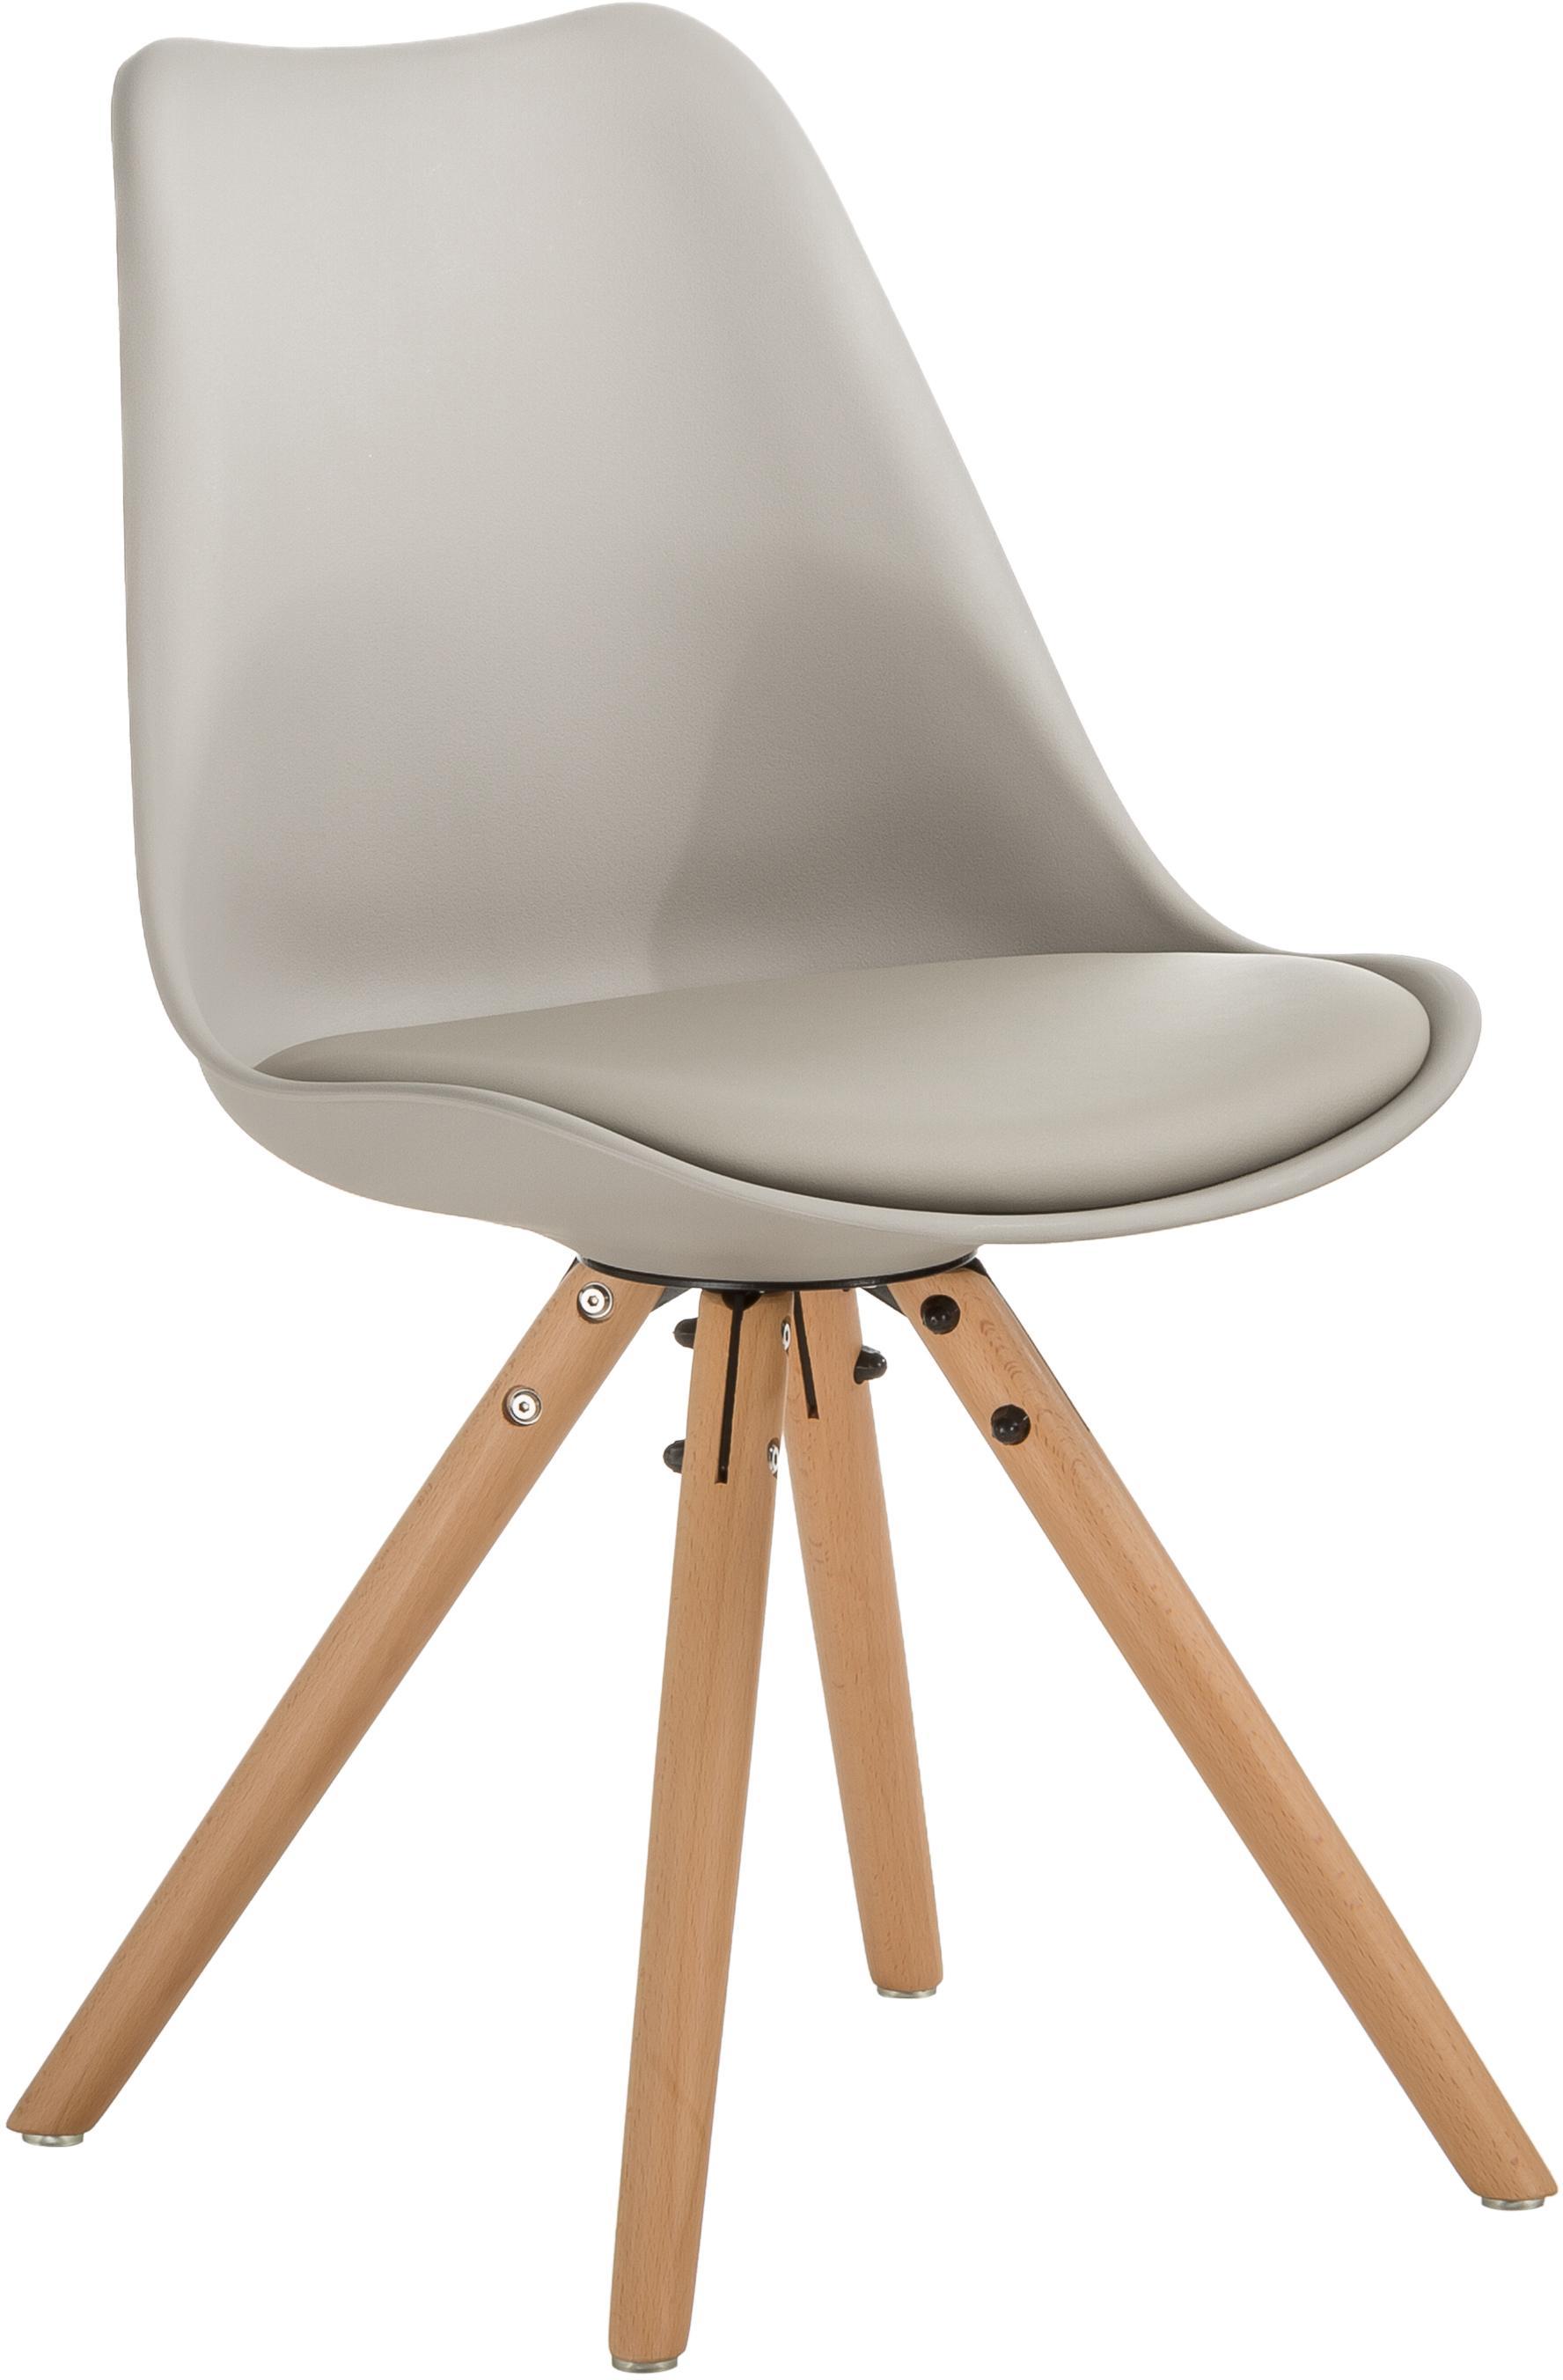 Sillas Max, 2uds., Asiento: cuero sintético (poliuret, Asiento: plástico, Patas: madera de haya, Gris beige, An 46 x F 54 cm